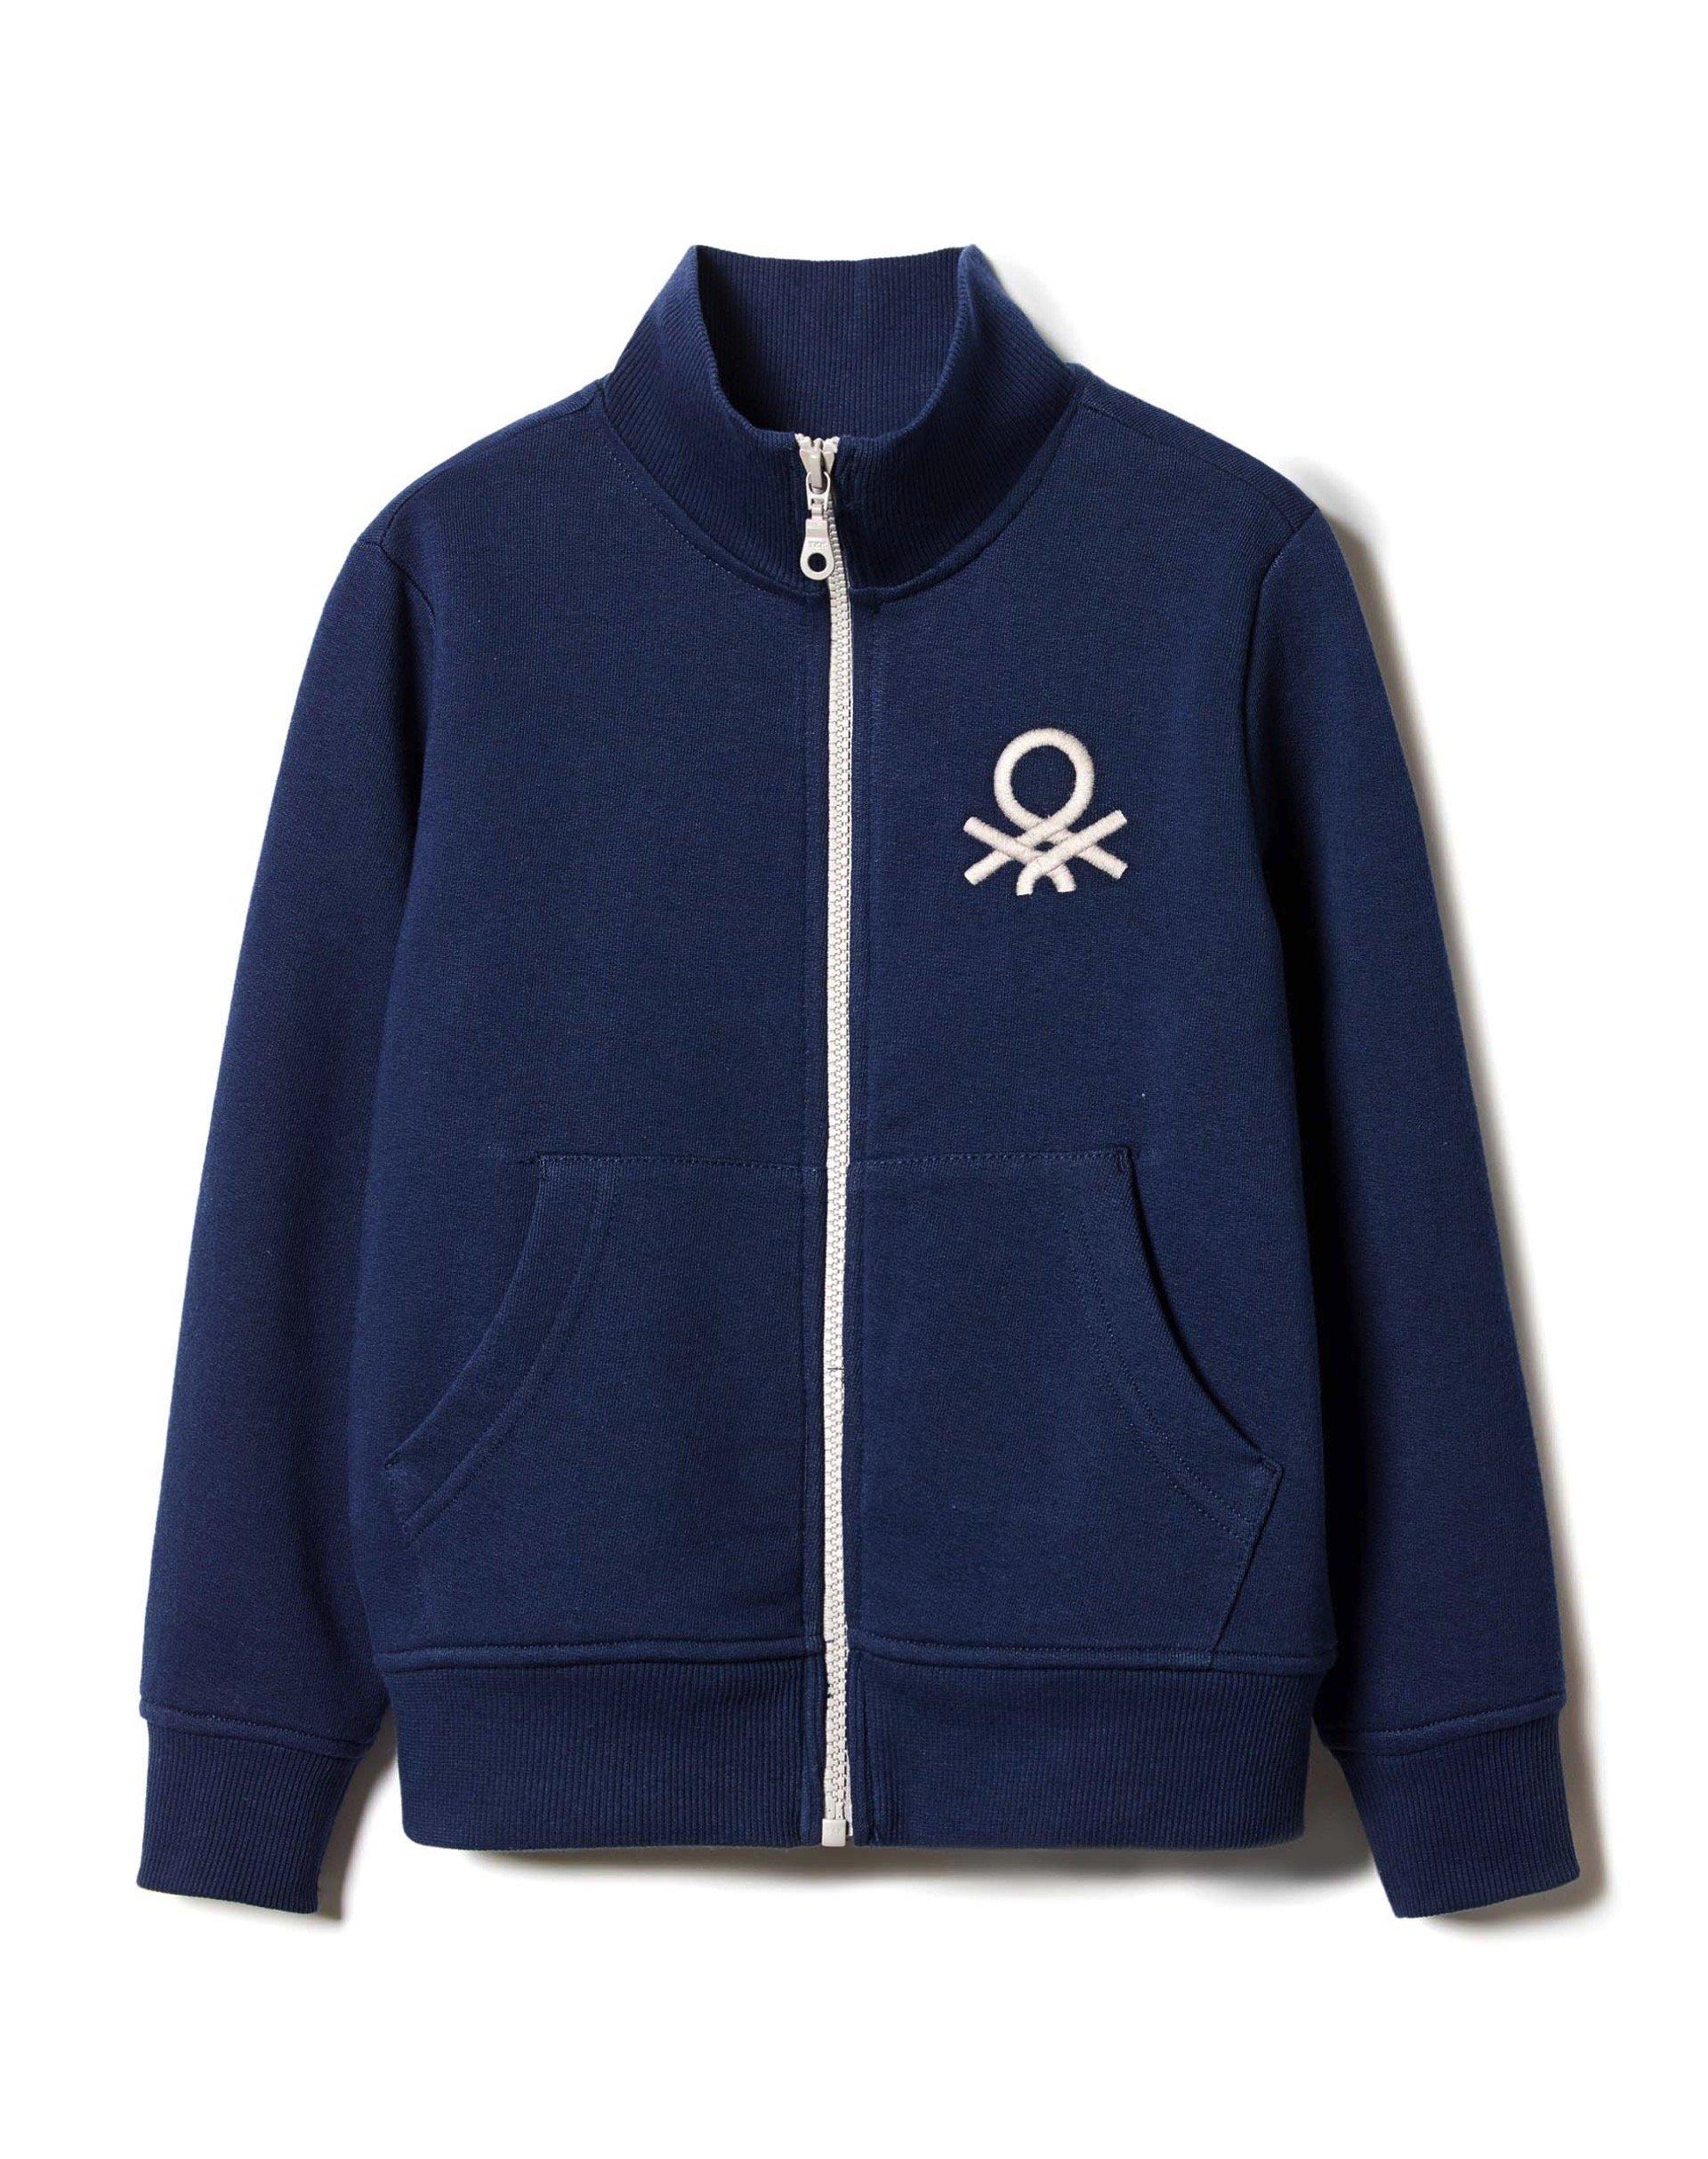 ТолстовкаТолстовки<br>Толстовка из 100% хлопка с длинным рукавом, застежкой на молнию, двумя карманами спереди и принтом с логотипом Benetton слева на груди. Воротничок-стойка, манжеты и низ изделия в рубчик.<br>Цвет: Синий; Размер: XS;